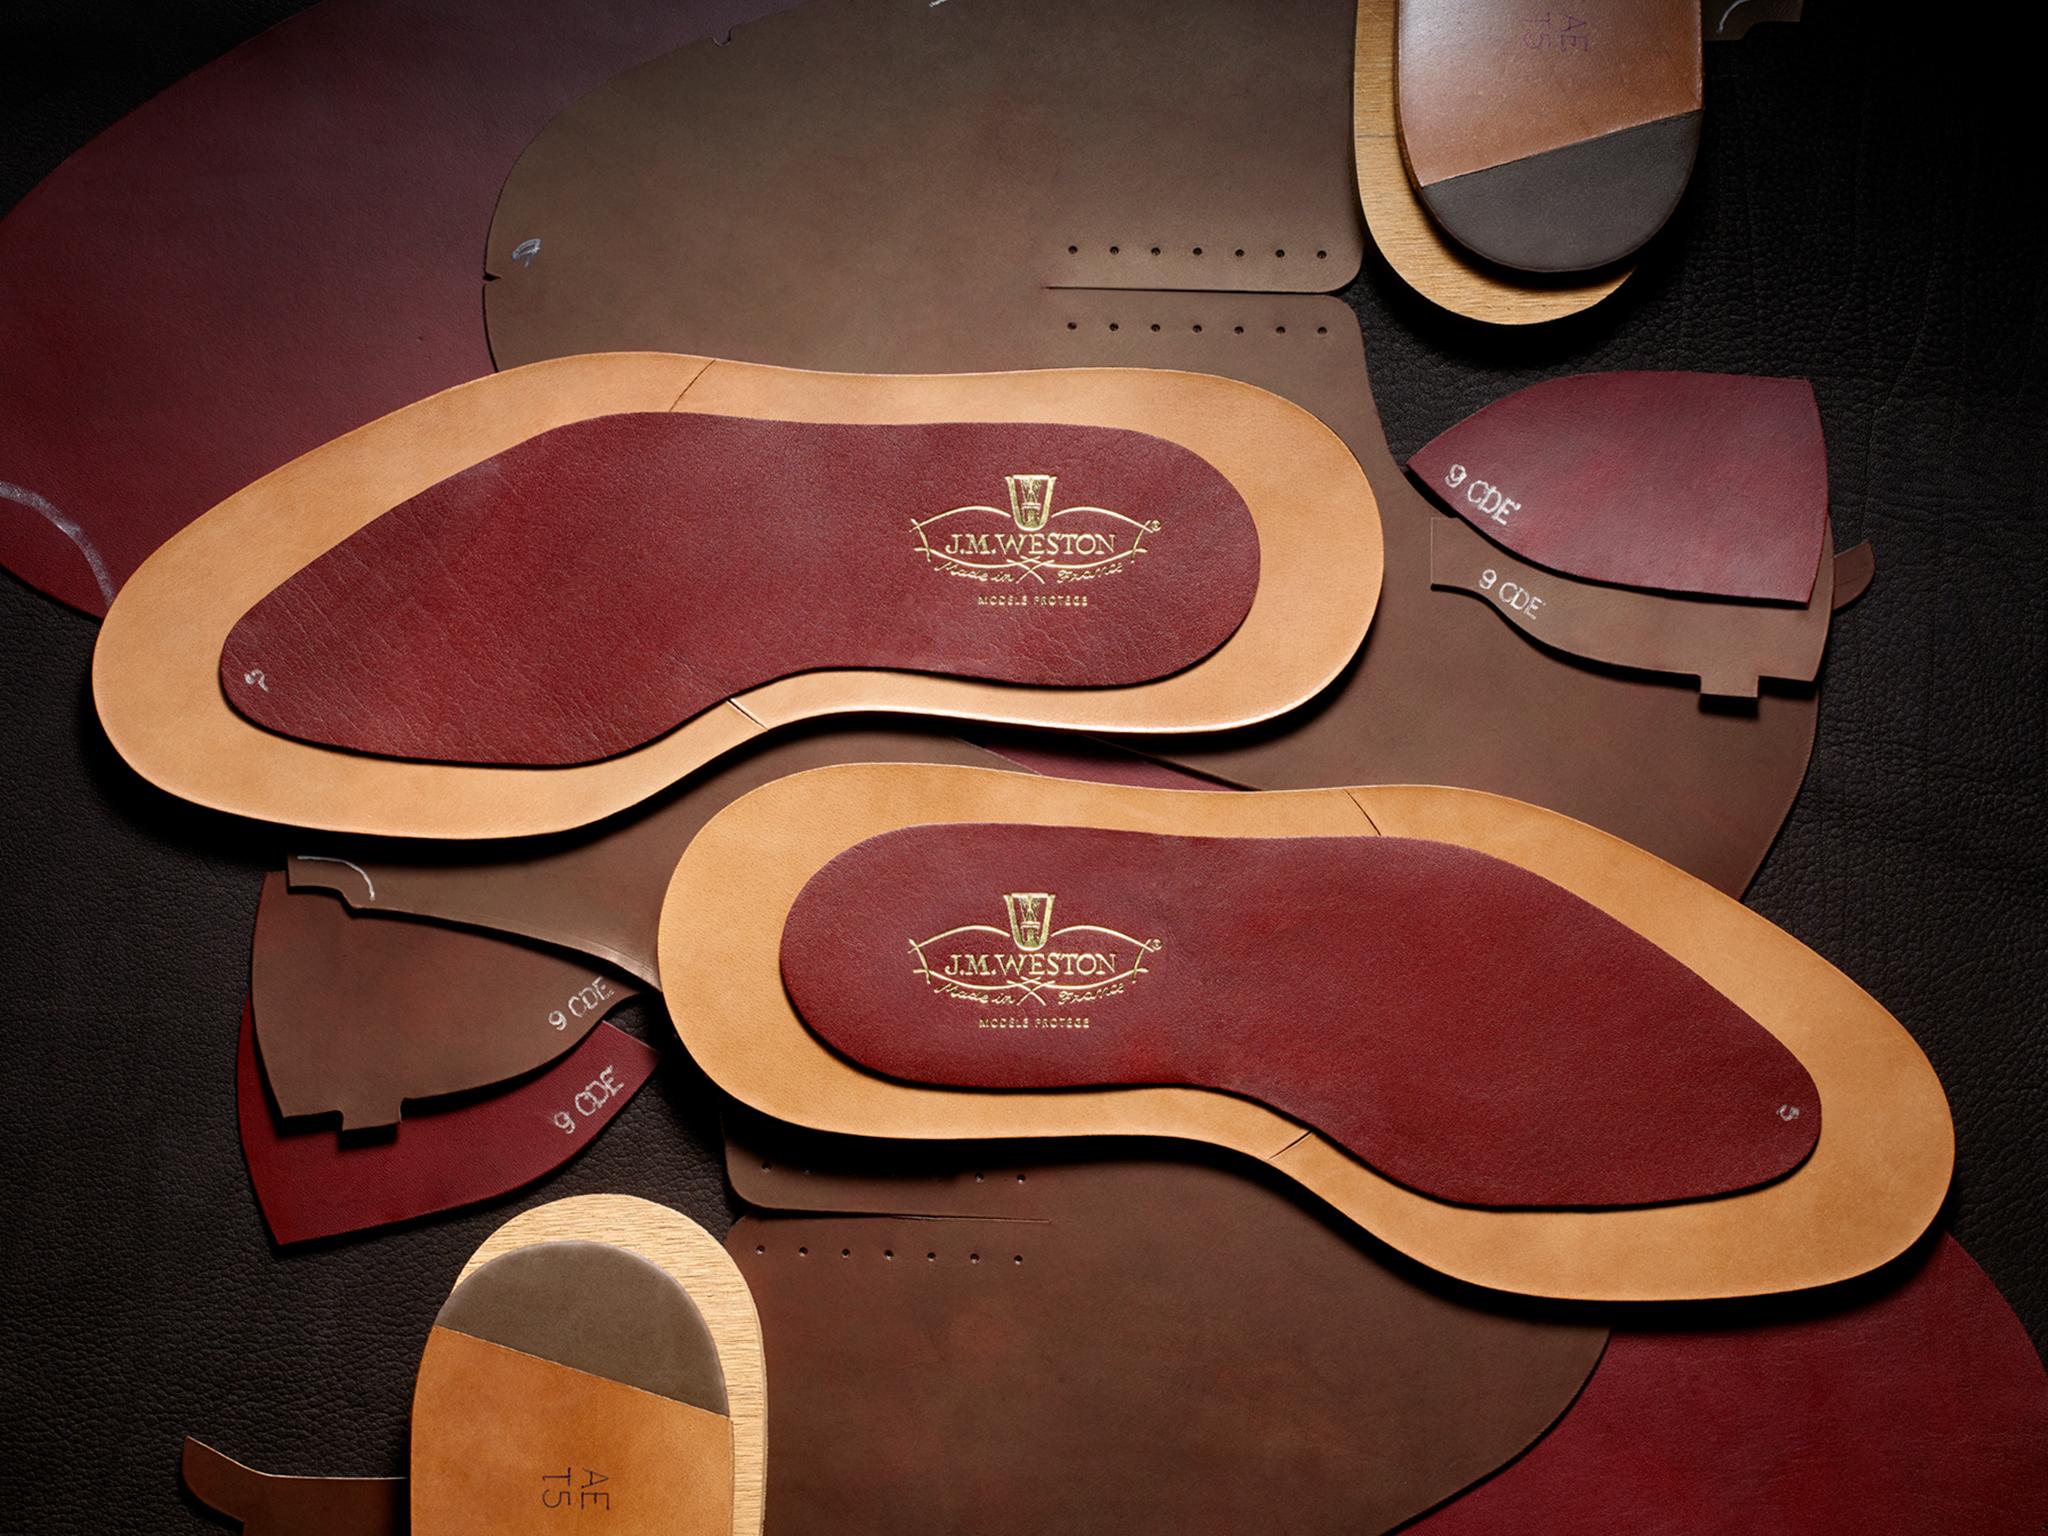 J.M. WESTON ULTRA. Semelle Savoir-Faire Manufacture française Made in France Soulier Luxe Cuir Découpe